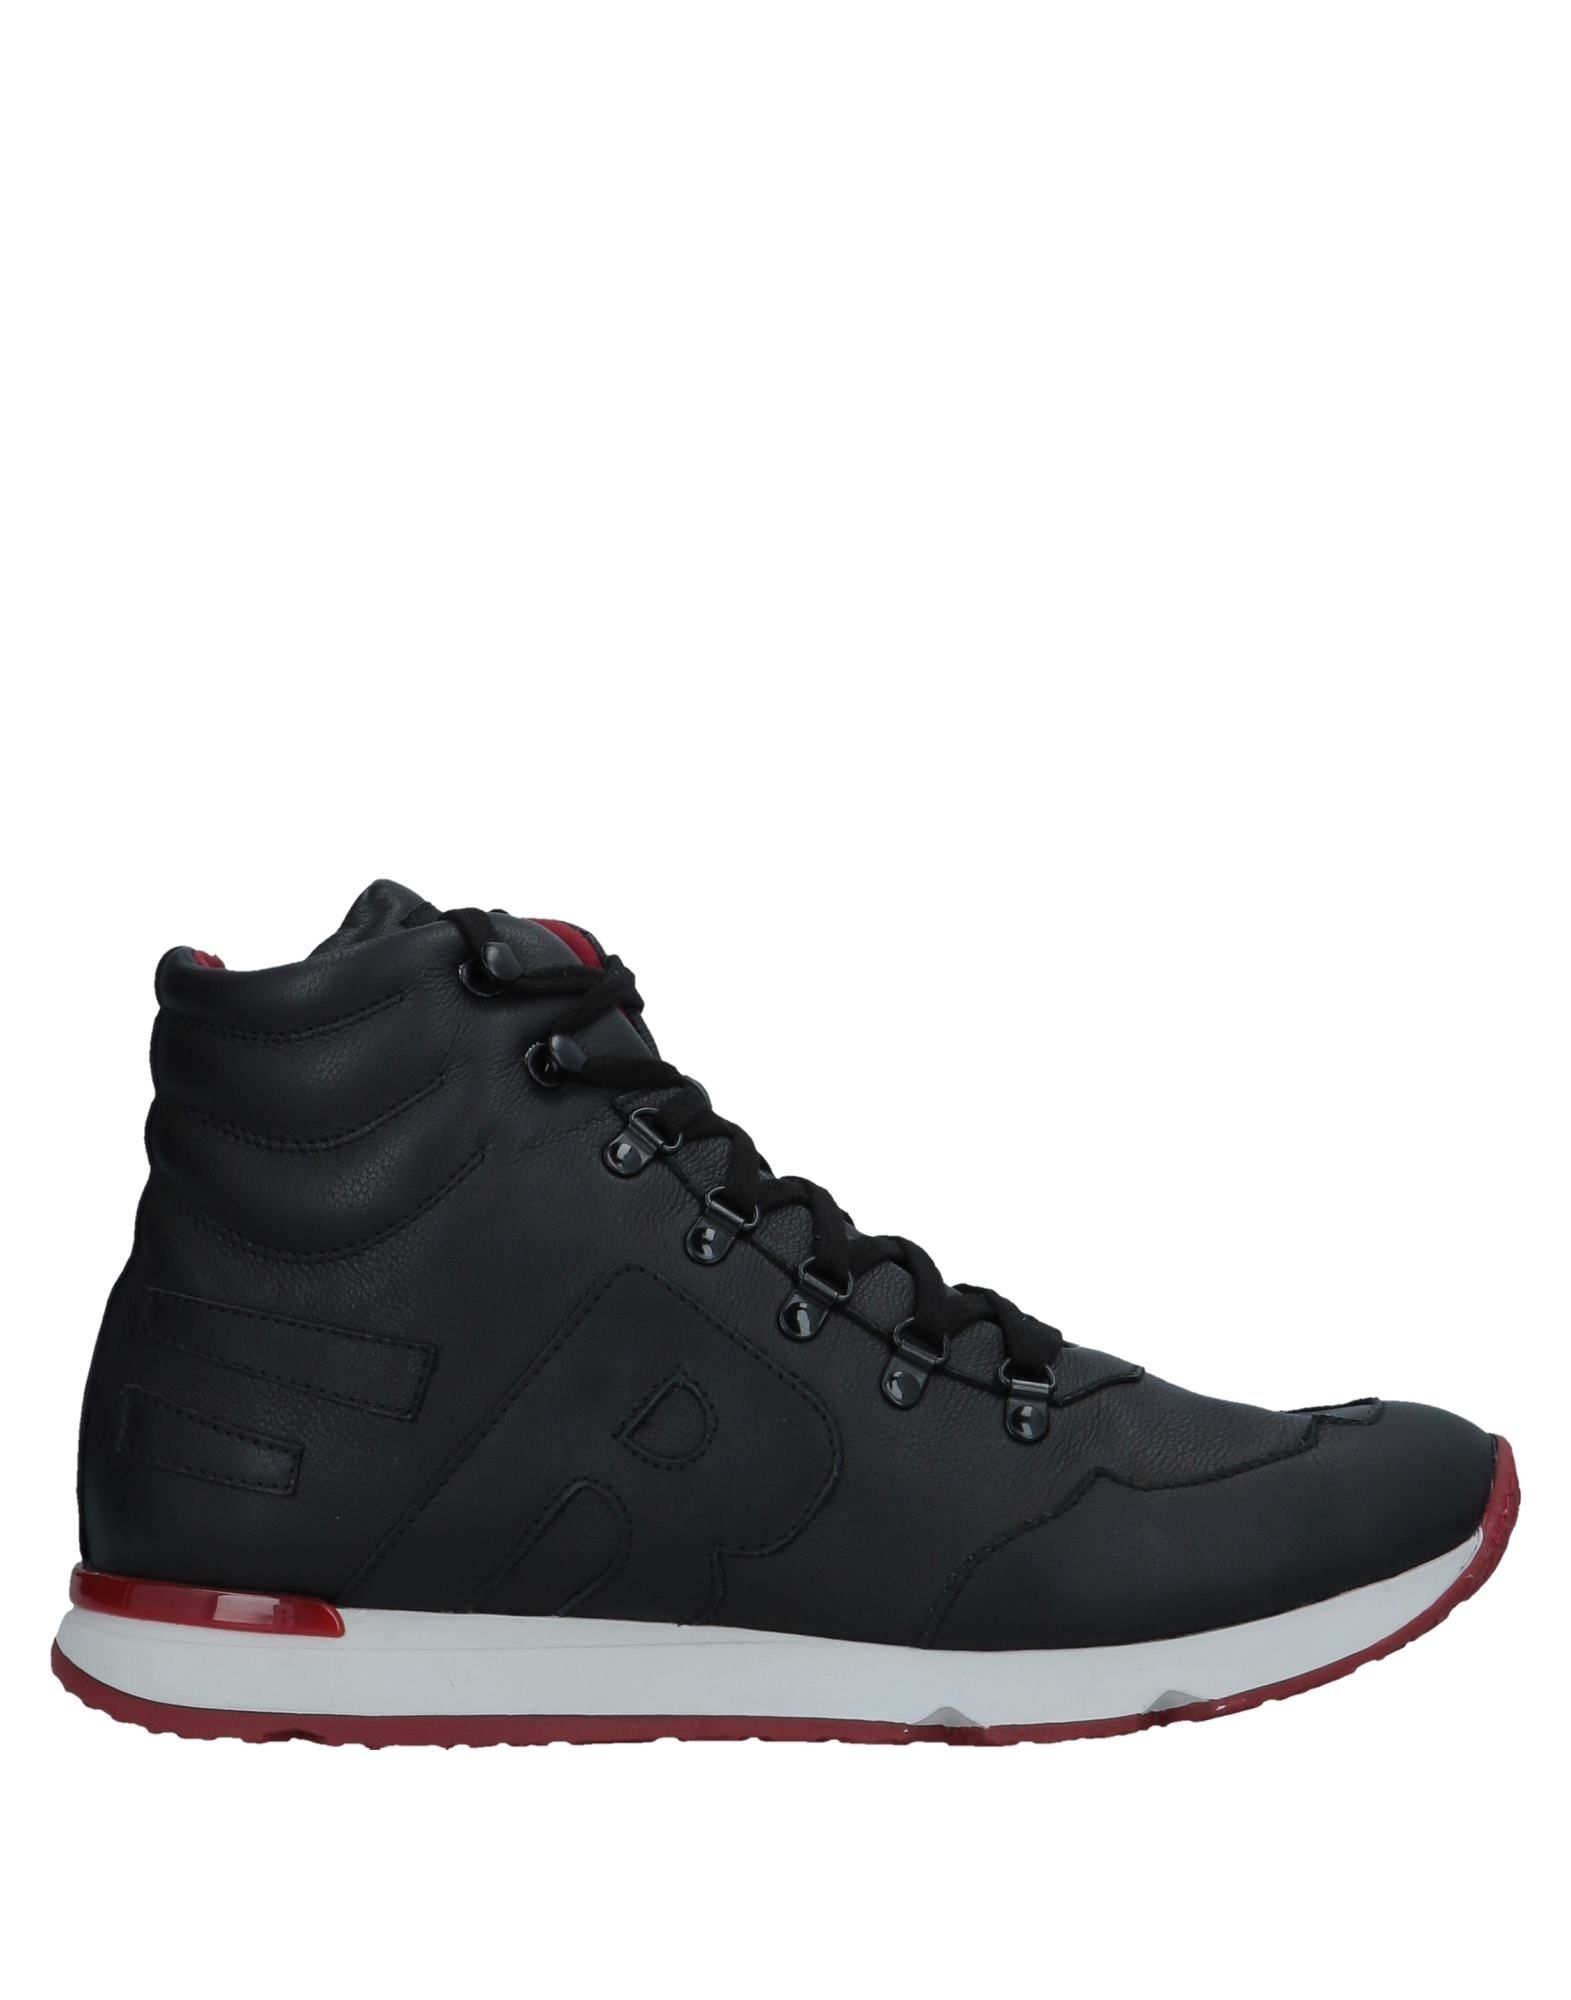 Ruco Line Sneakers Herren beliebte  11544403TM Gute Qualität beliebte Herren Schuhe 65a0d8